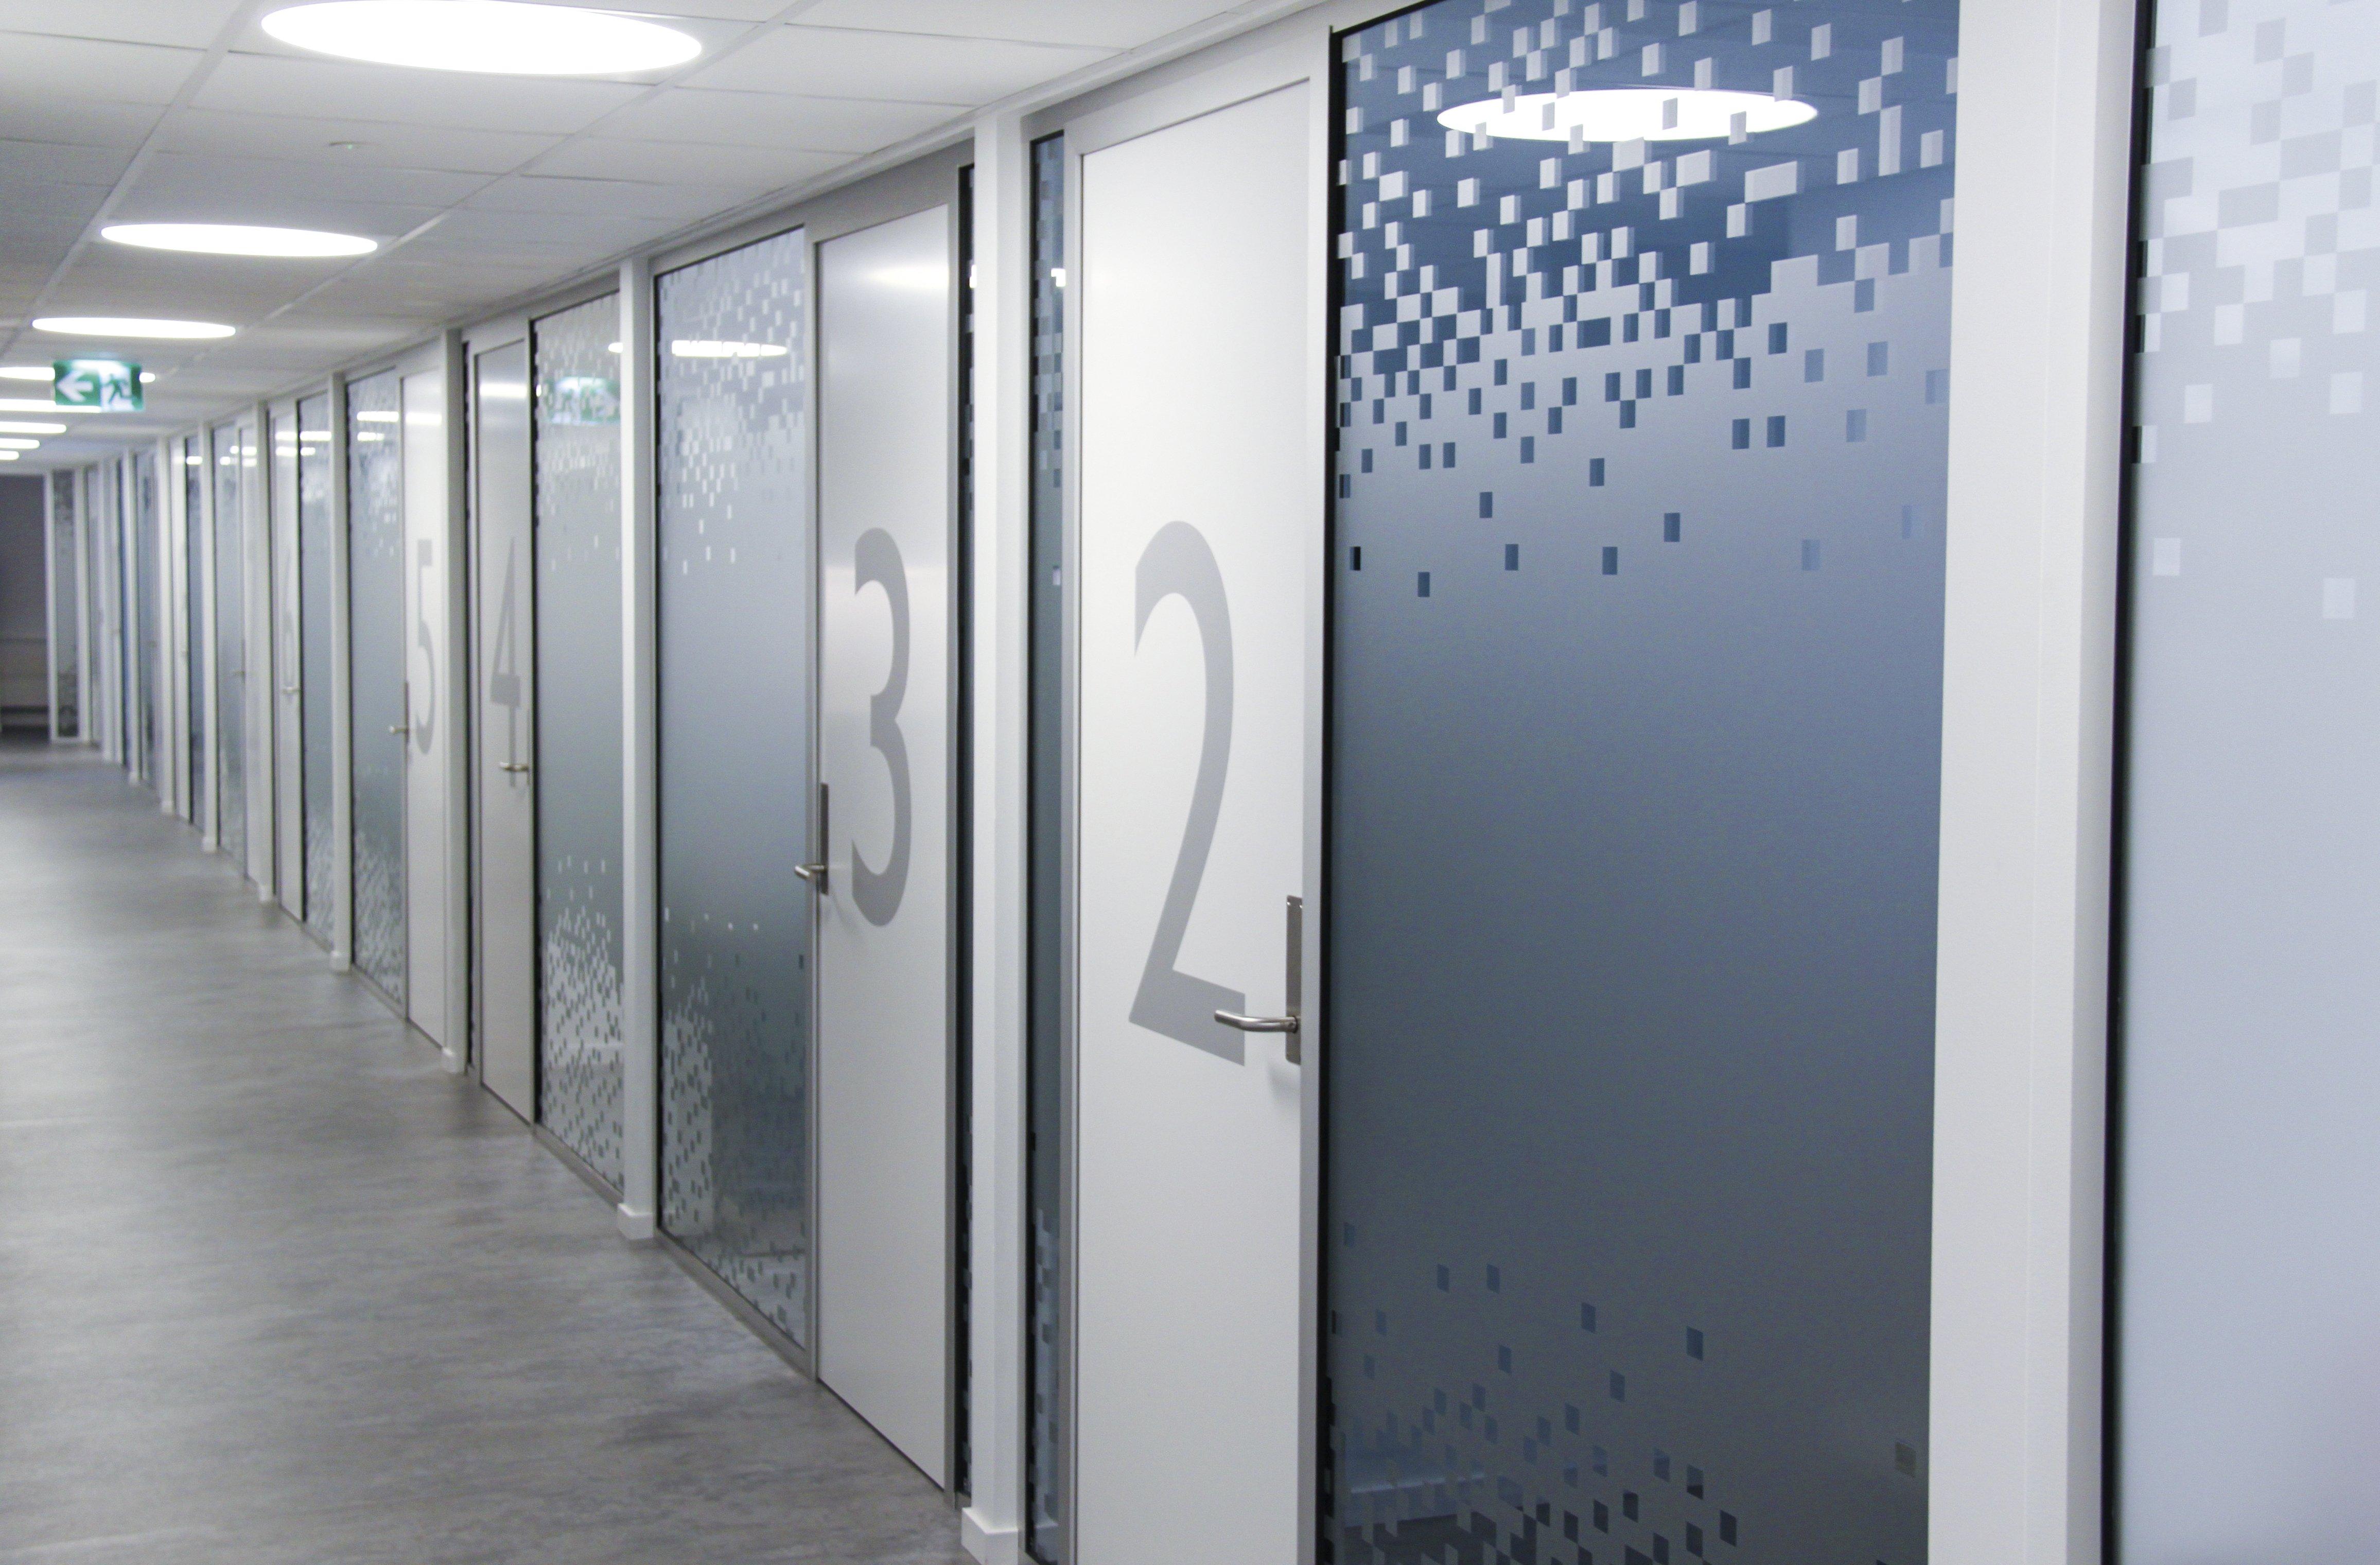 foto som viser avskjermede rom hvor kunder med hårtapsproblemer får hjelp